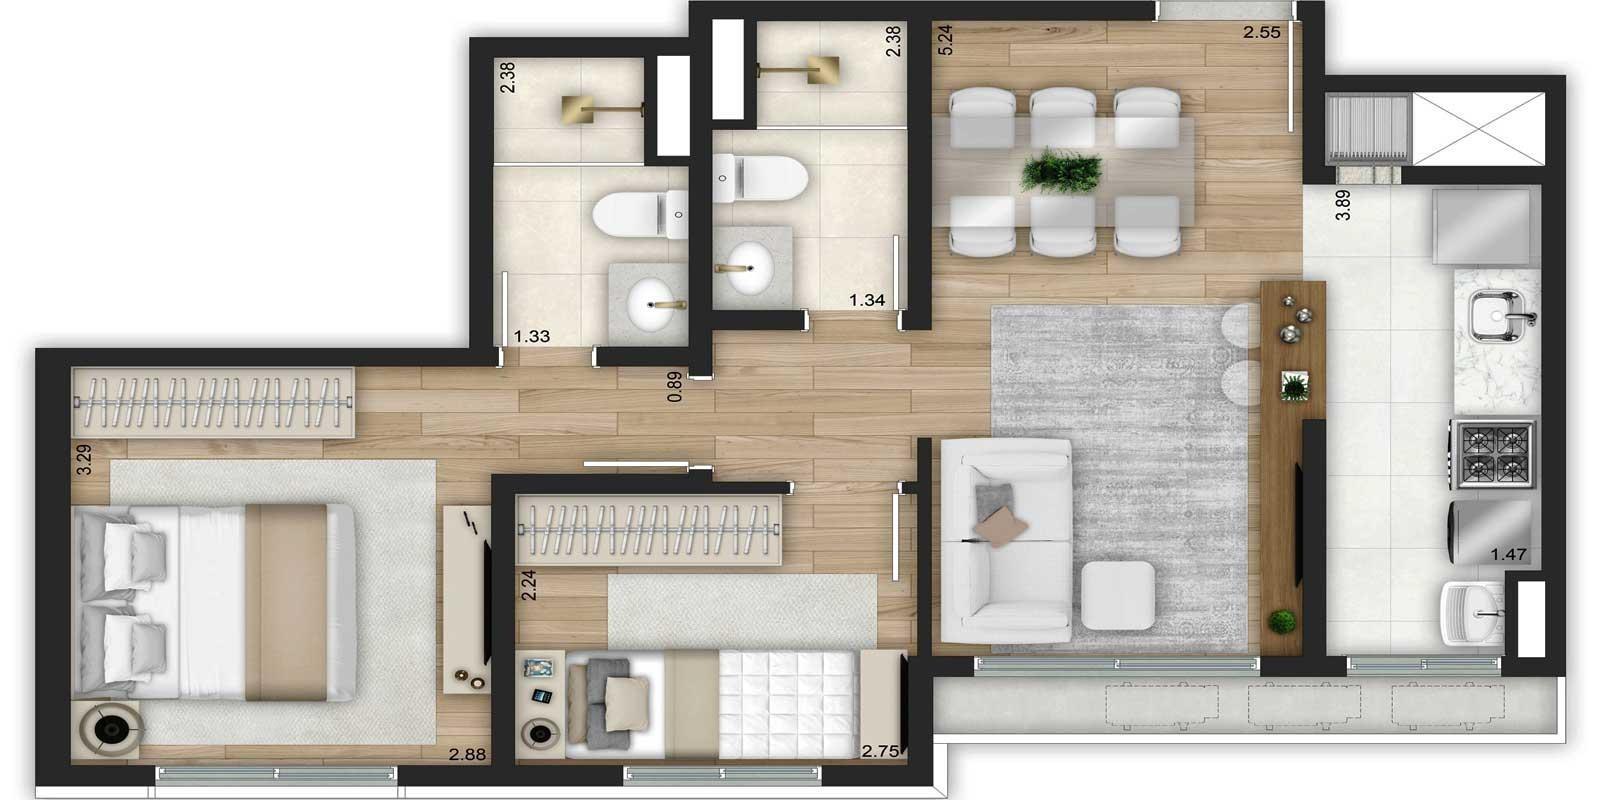 TPS Imóveis - Veja Foto 27 de 32 do Apartamentos de 2 e 3 dormitórios com suíte